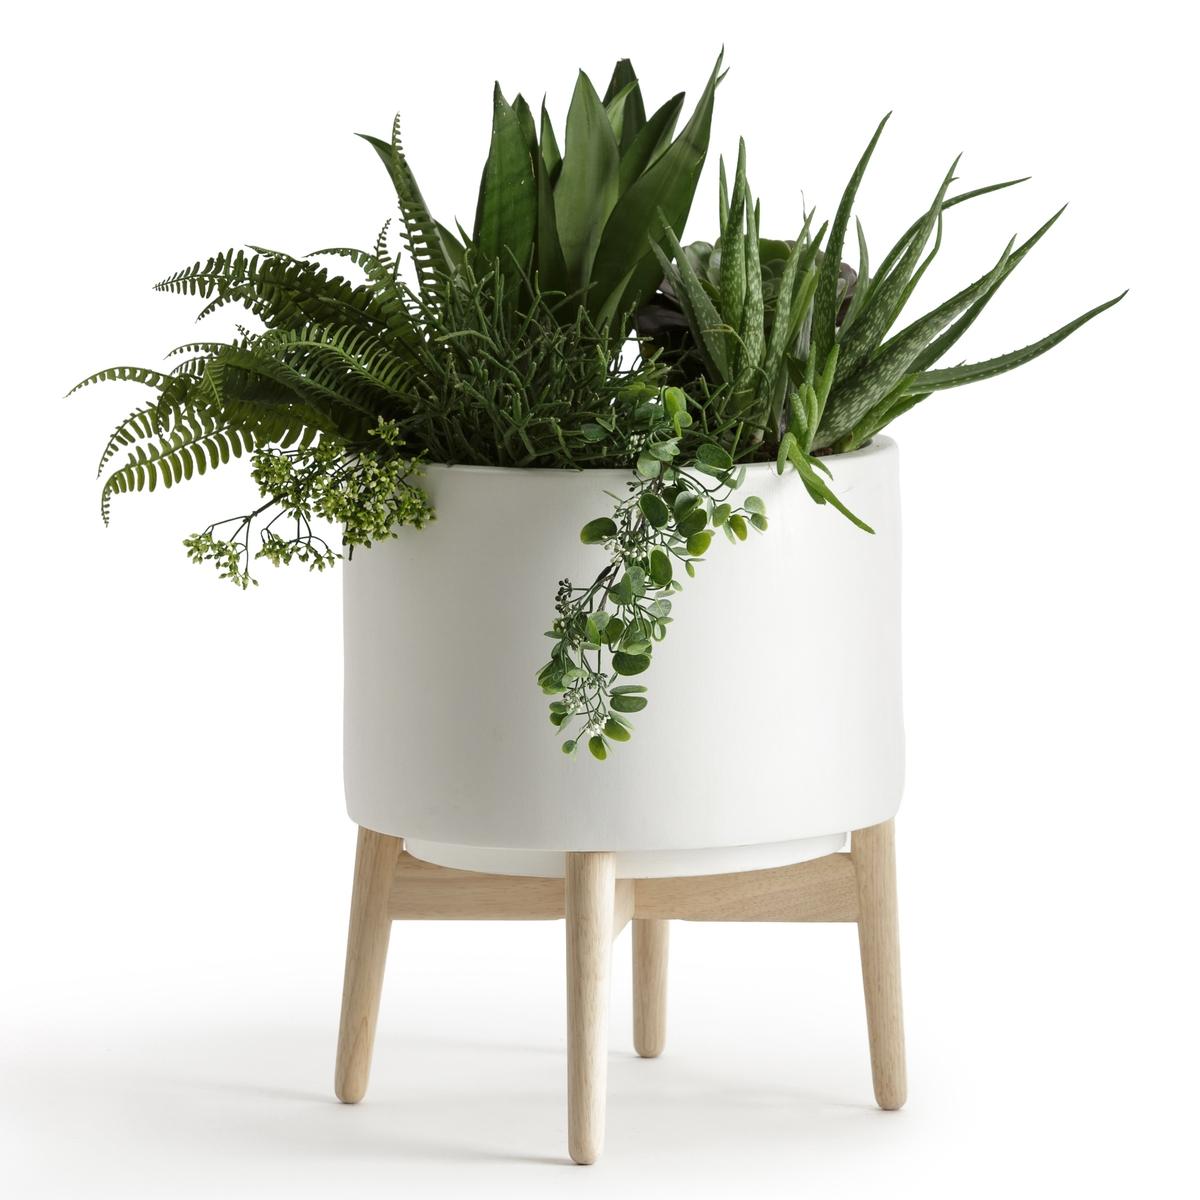 Кашпо Выс 42 см, FlorianДекоративное кашпо из керамики с подставкой из дерева  .Идеально для украшения ваших растений .Описание :- Из белой керамики- Подставка из гевеи с белым матовым покрытием и натуральными ножками.Размеры :- ?37 x 42 см<br><br>Цвет: белый